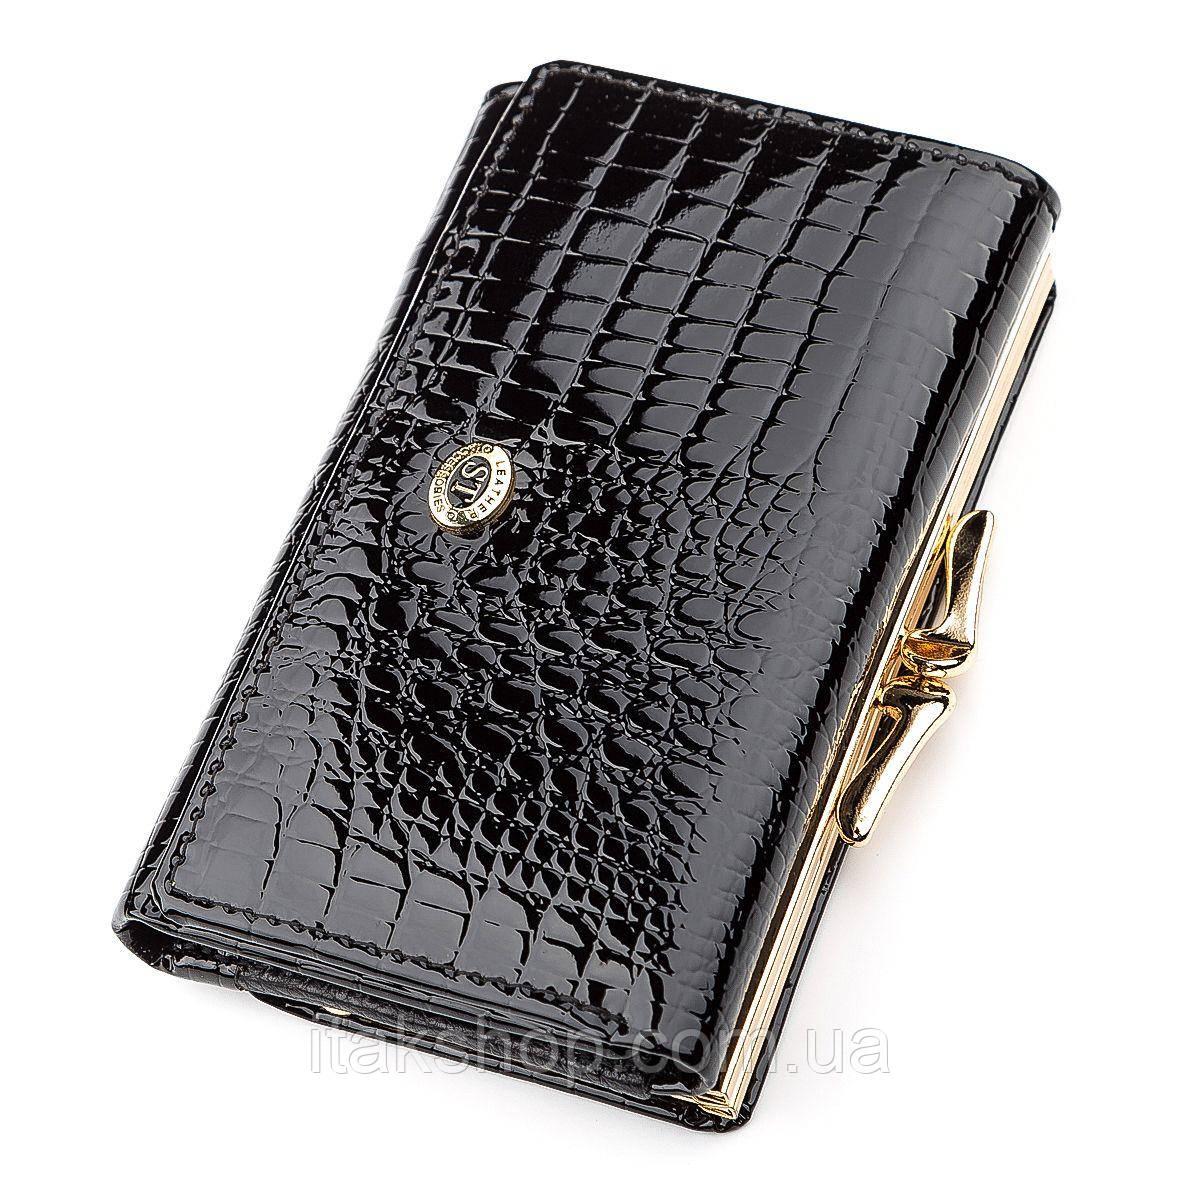 Кошелек женский ST Leather 18373 (S1201A) средний размер Черный, Черный